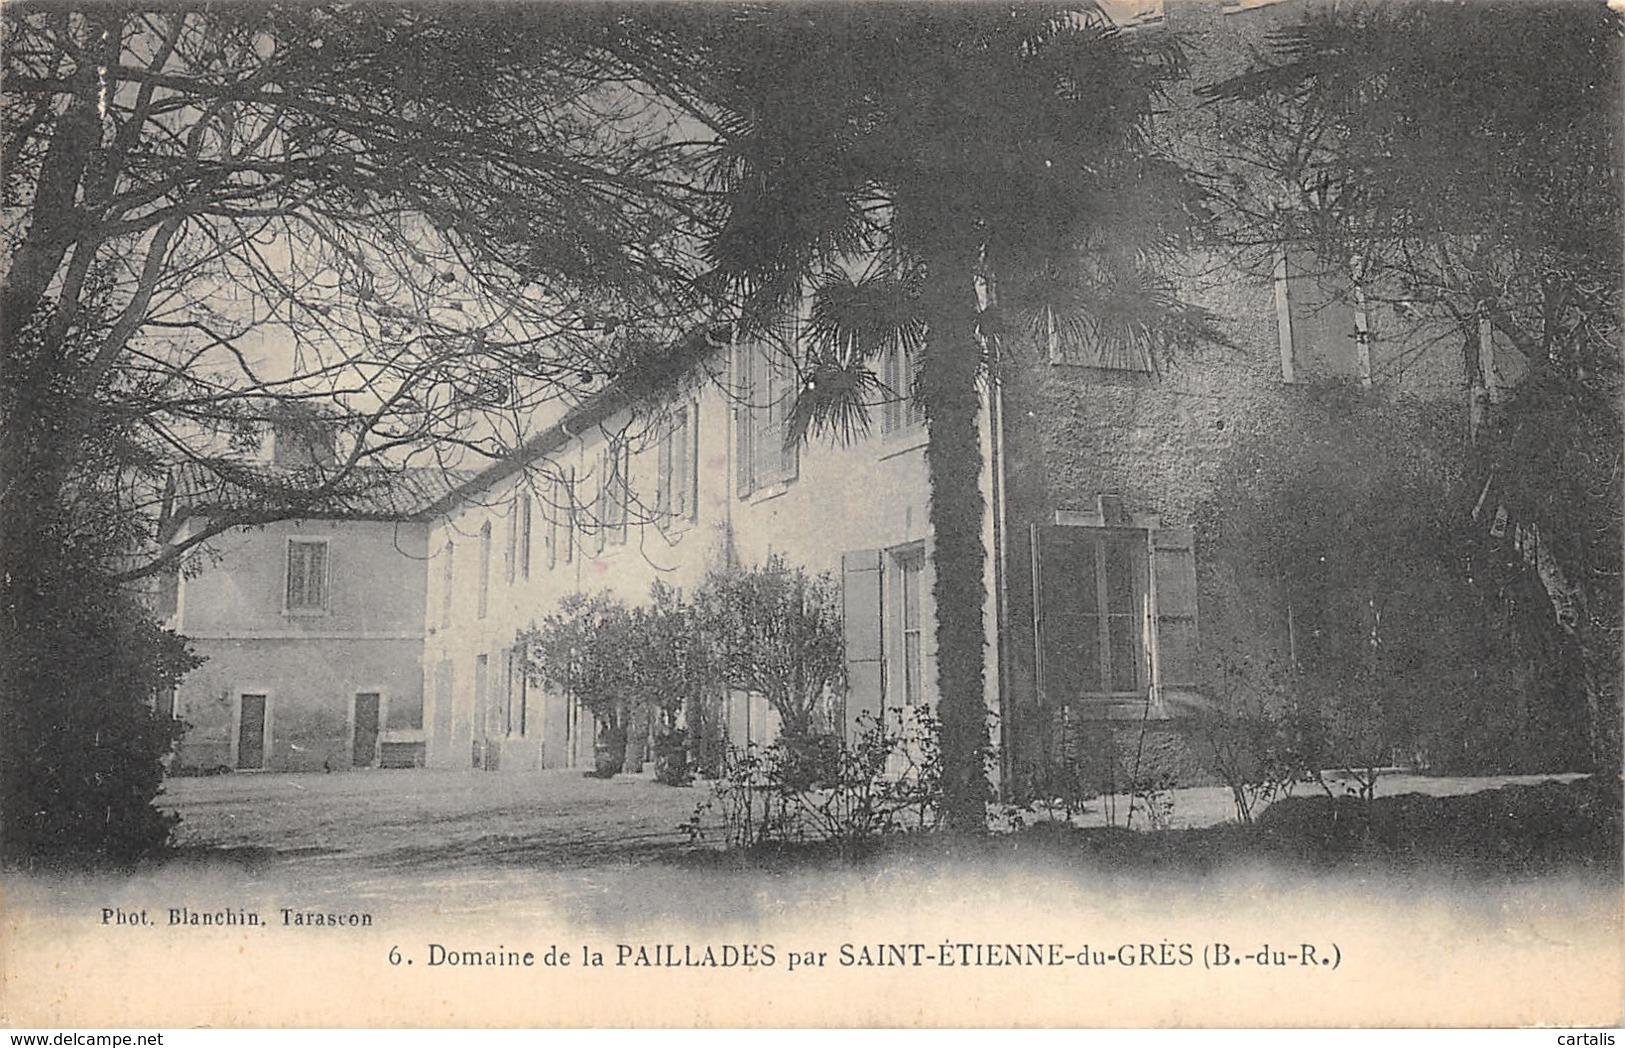 13-SAINT ETIENNE DU GRES-DOMAINE DE LA PAILLADES-N°438-A/0001 - Autres Communes